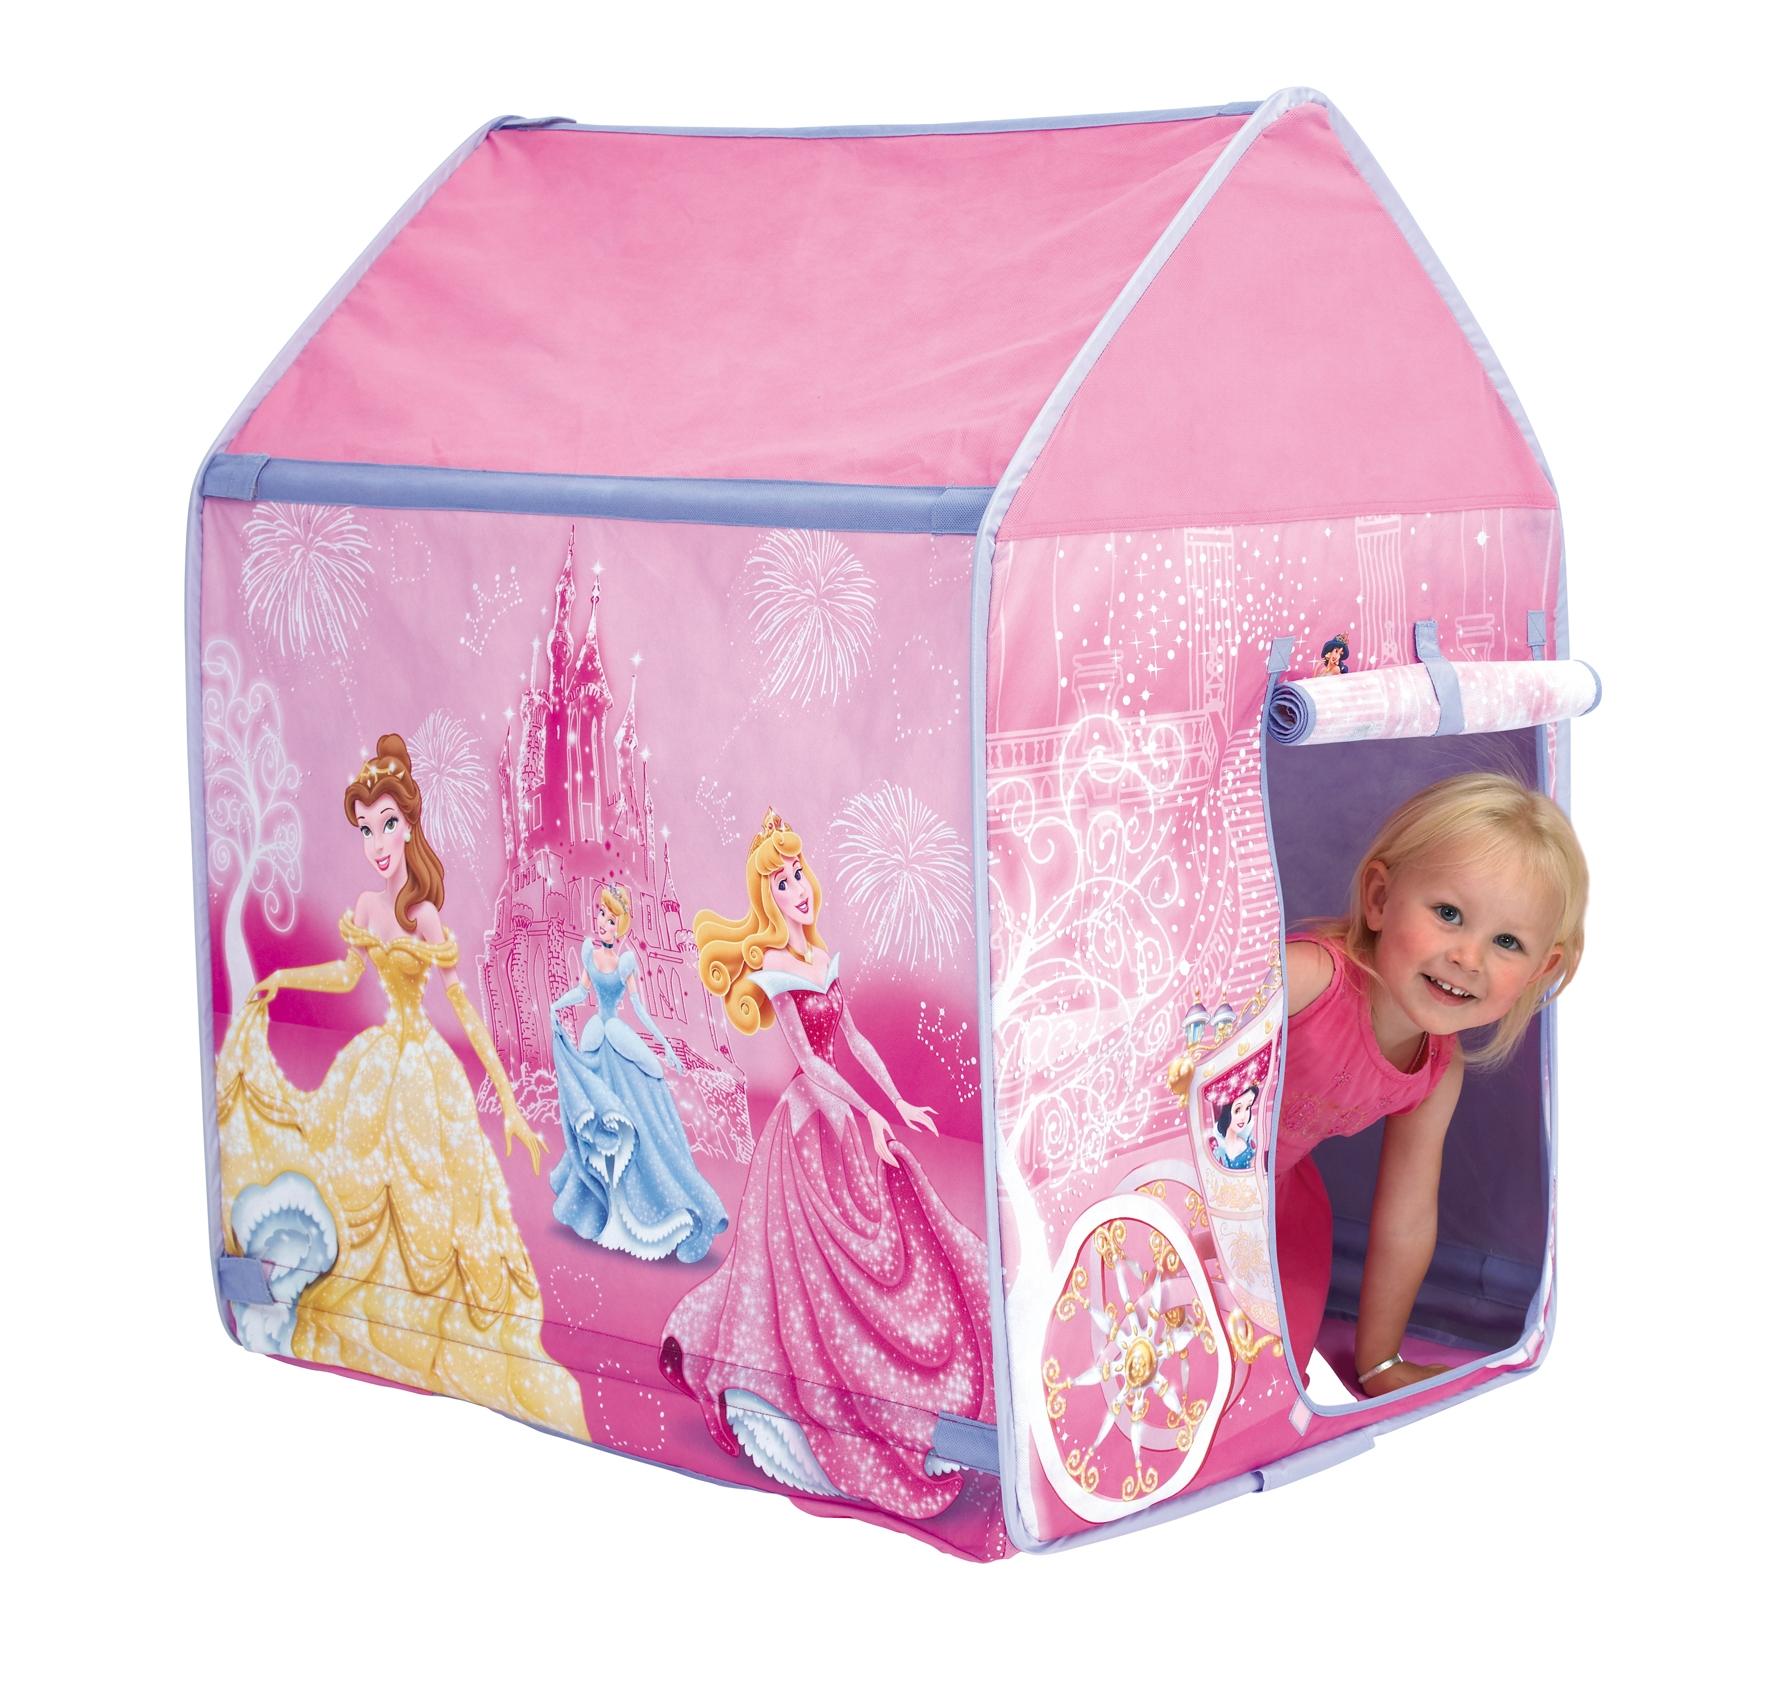 kinderzelt kinderspielhaus zelt drinnen oder drau en faltbar ebay. Black Bedroom Furniture Sets. Home Design Ideas